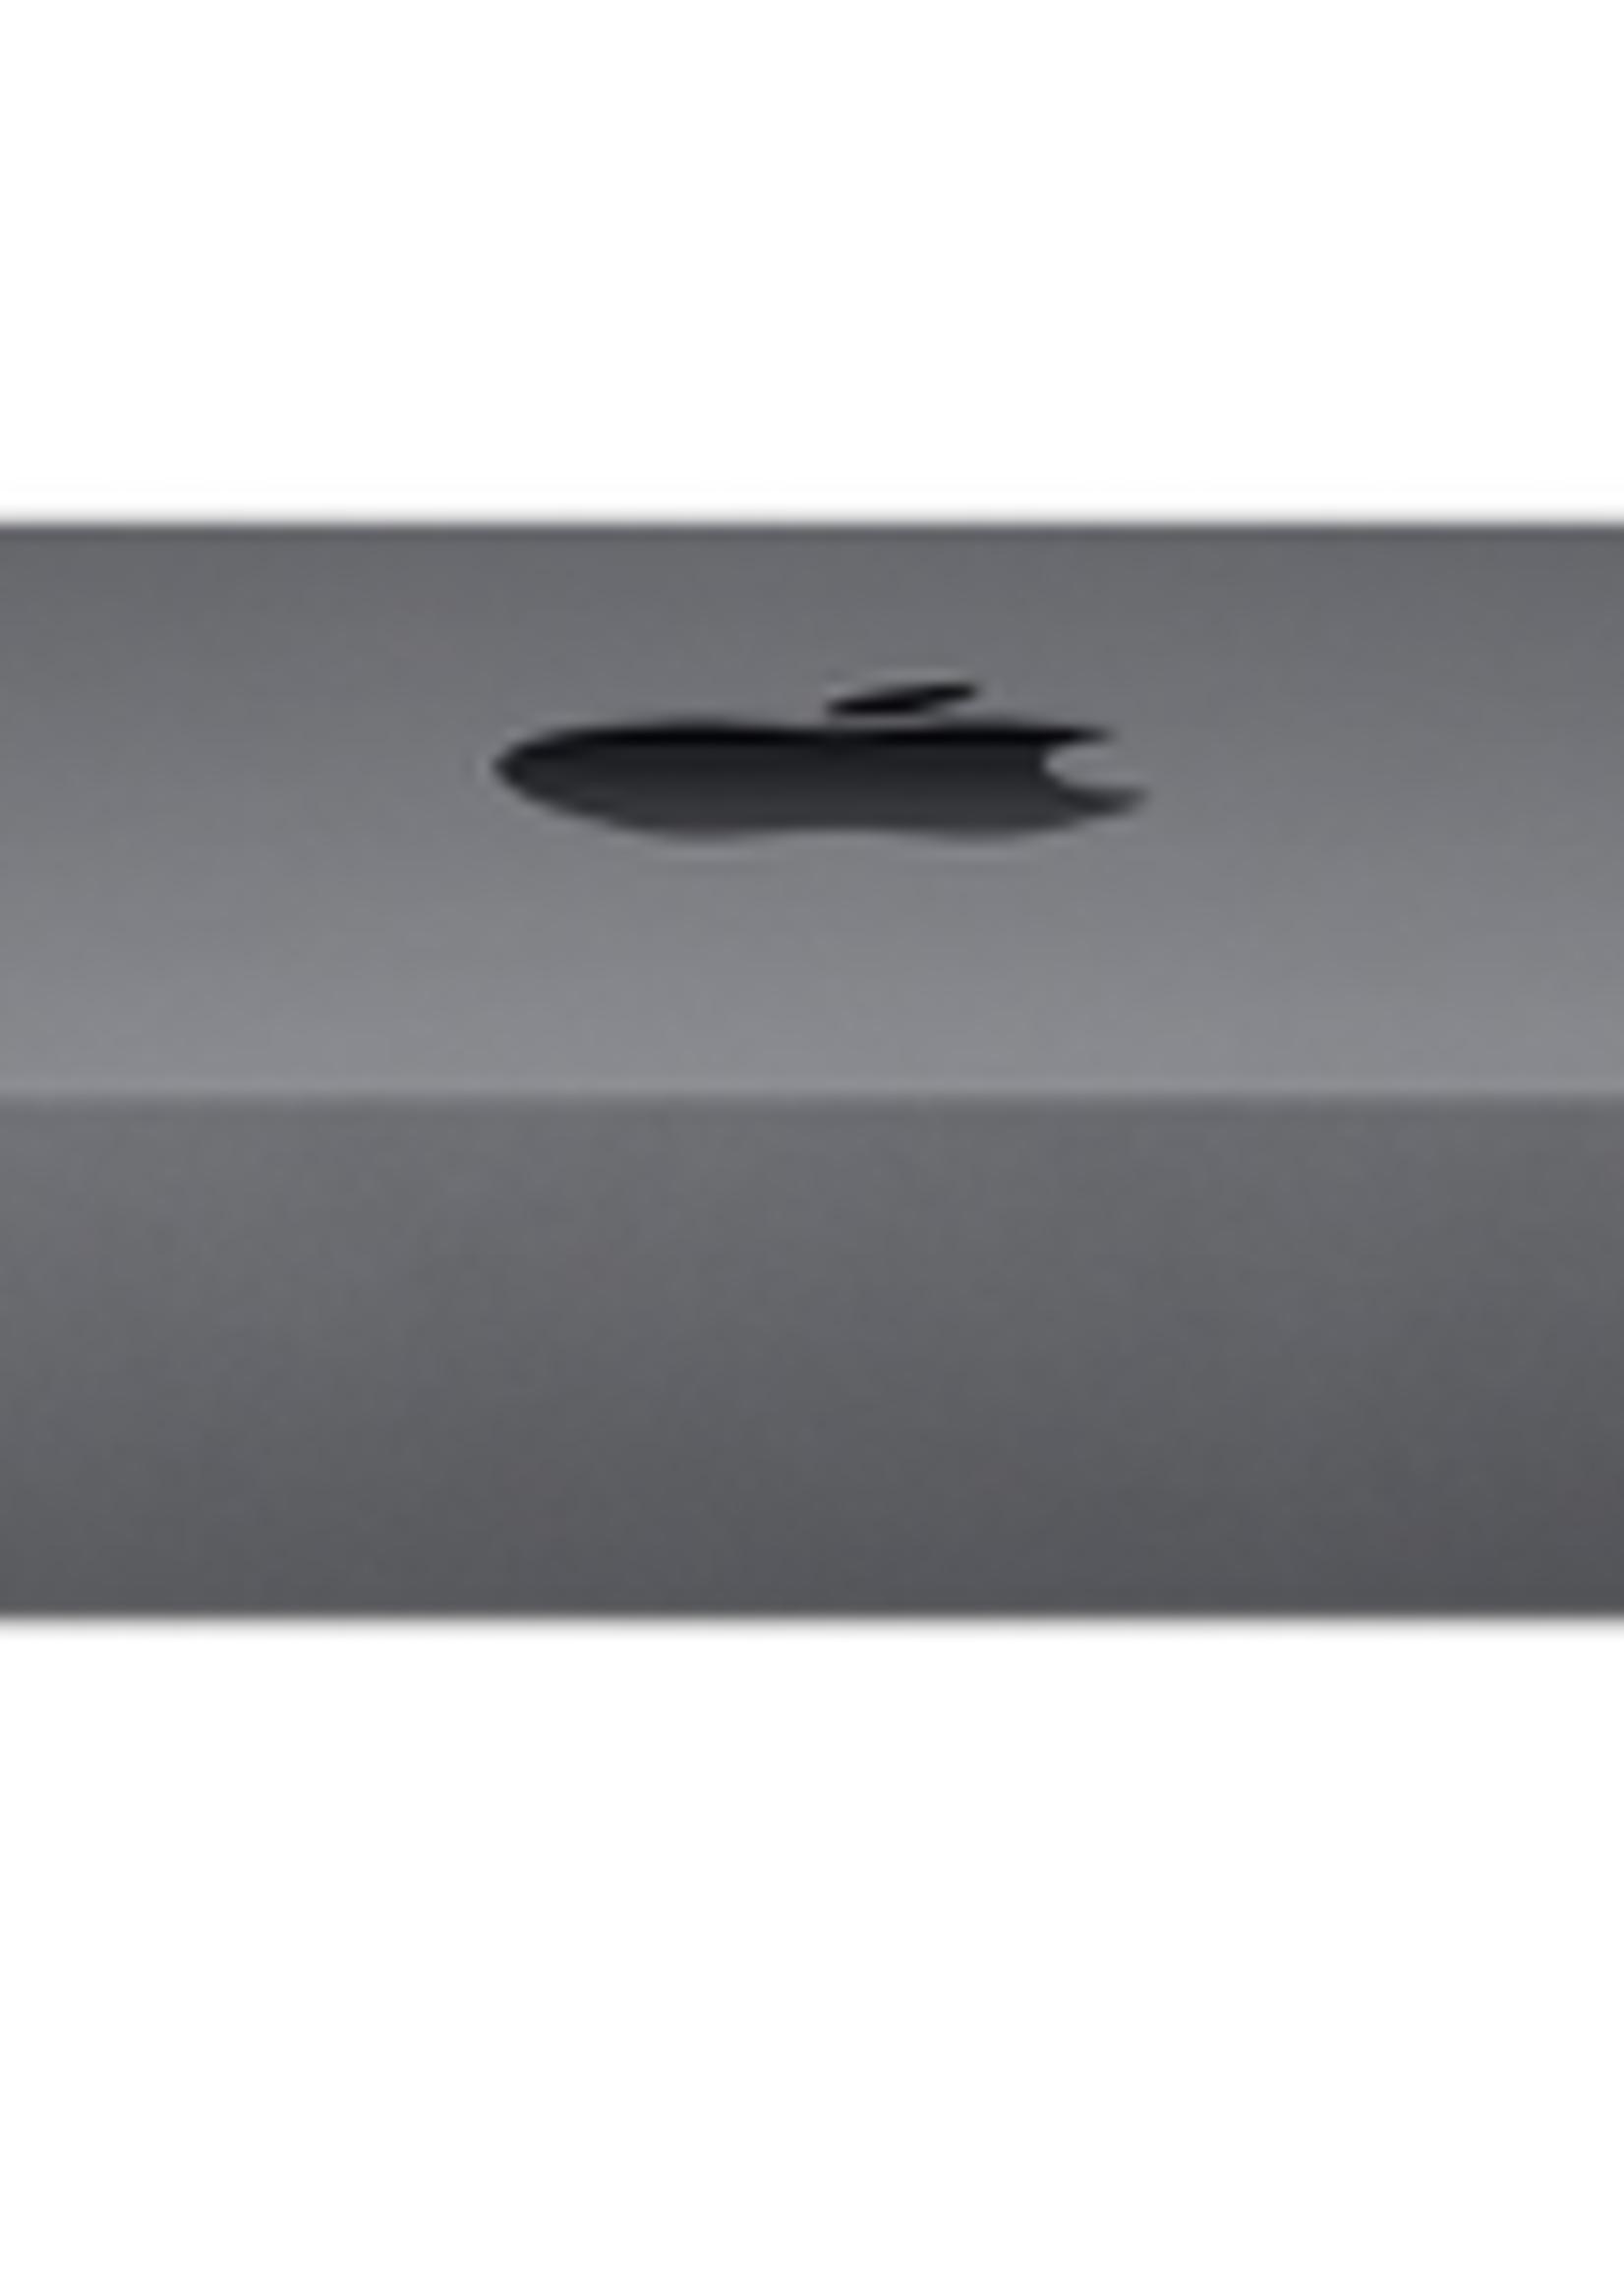 Mac Mini - 3.6GHz quad-core Intel i3 processor - 128GB